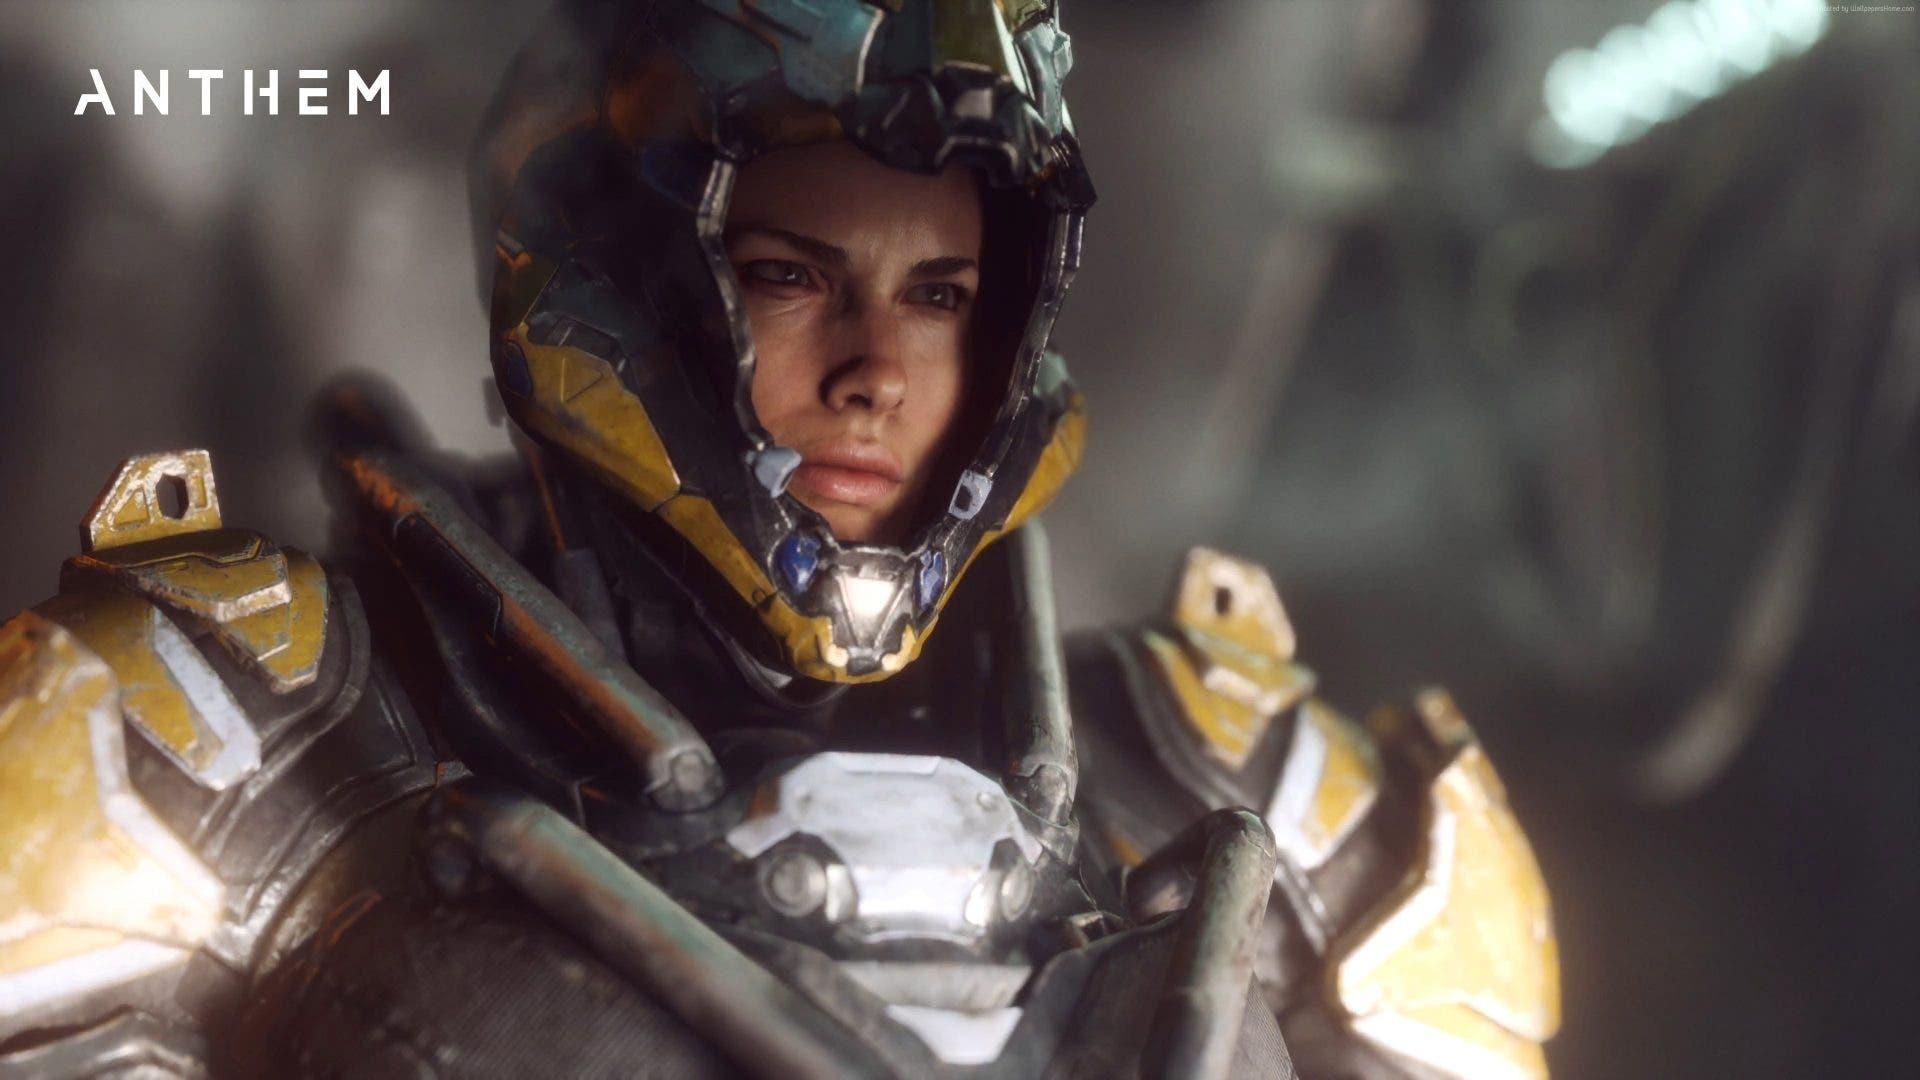 Imagen de Anthem se verá exactamente igual que en su presentación según Bioware